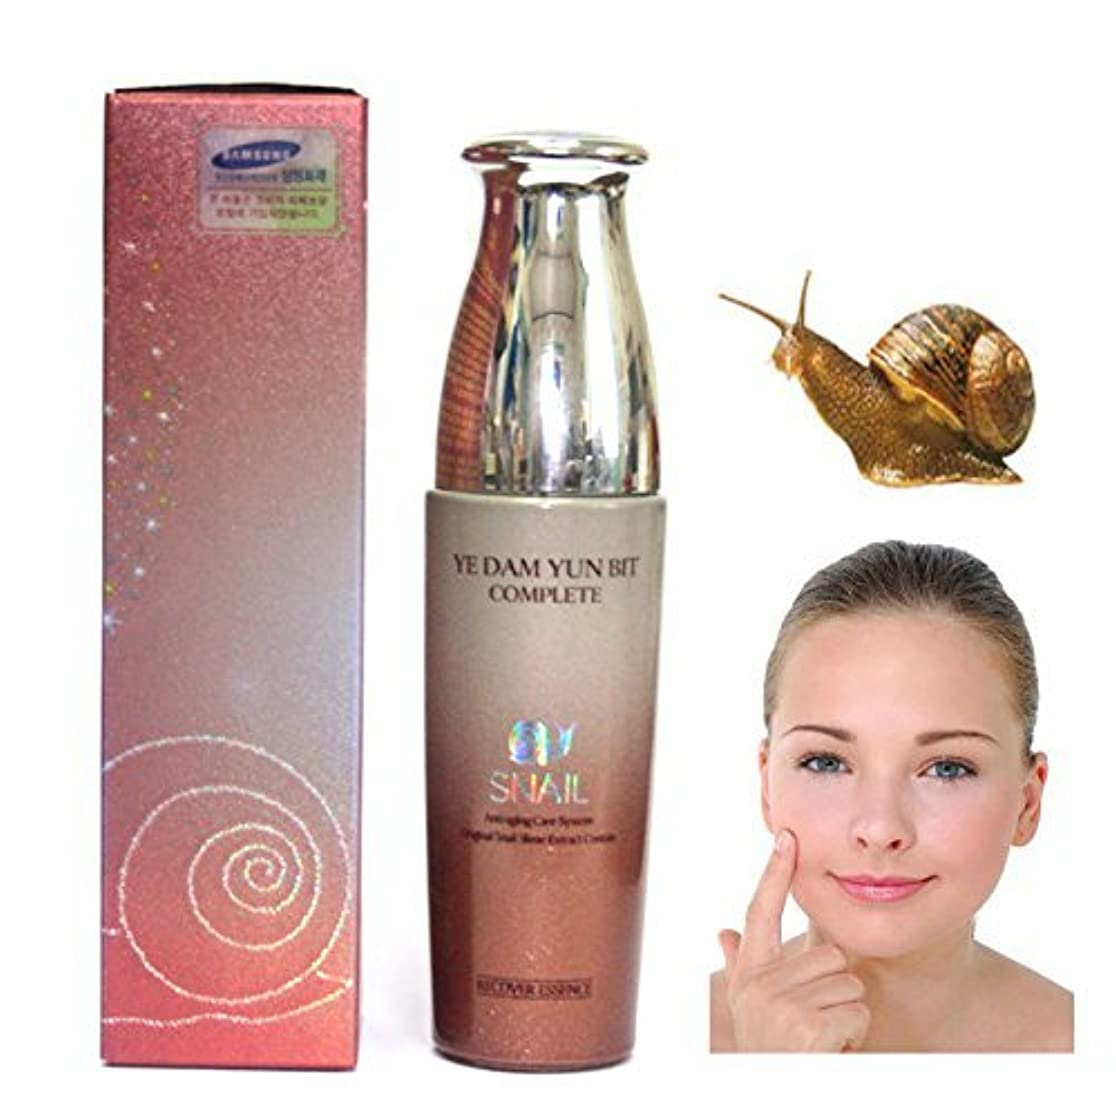 日記きらめくパンフレット[YEDAM YUN BIT] 完璧なスキンカタツムリ女エッセンス50ml/COMPLETE SKIN Snail Woman Essence 50ml/韓国化粧品/Korean cosmetics [並行輸入品]